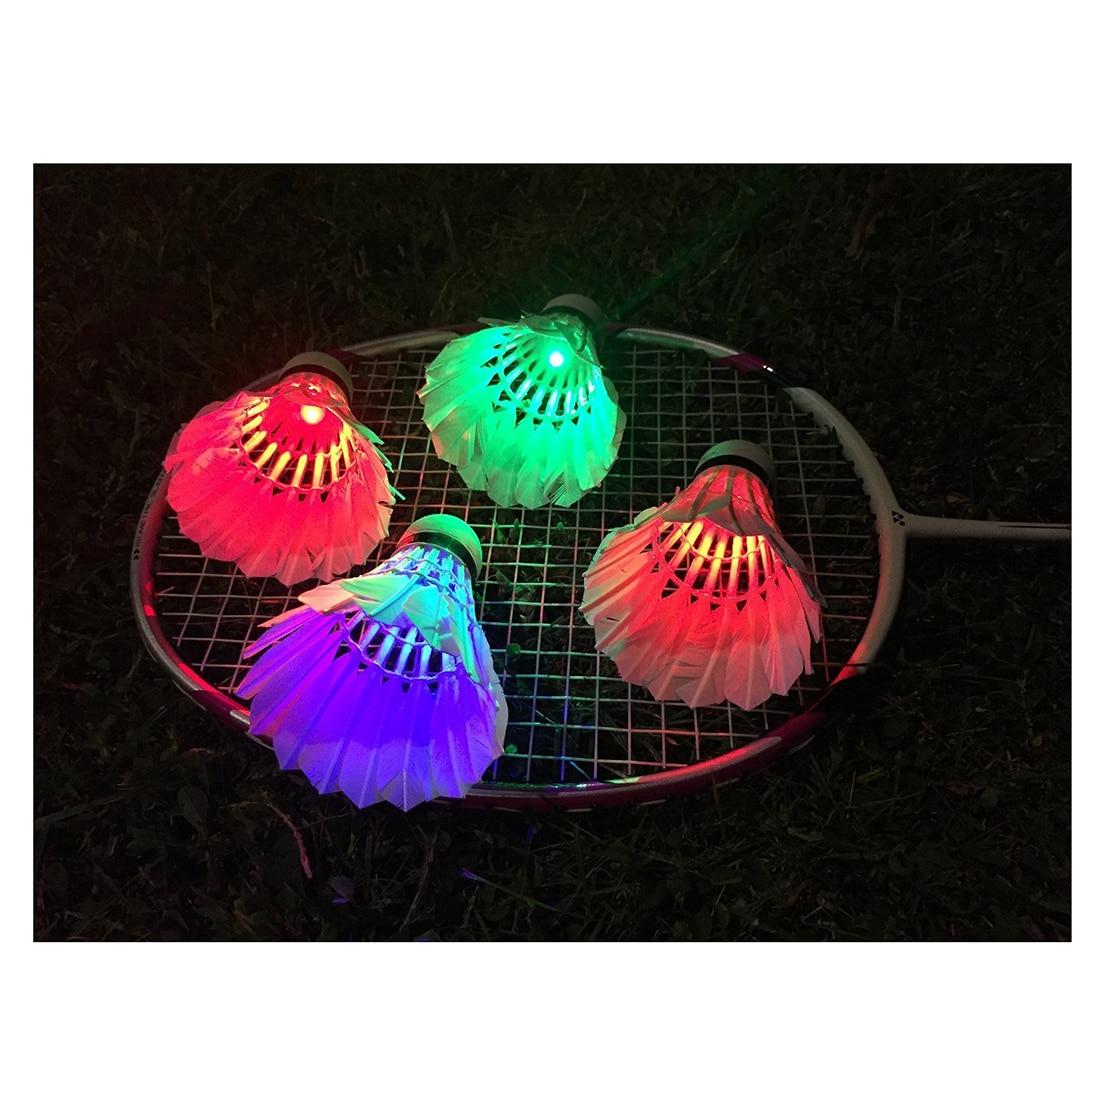 LOFTWELL Темная ночь Glow Бадминтон Волан Птички Lightning для наружного и занятий спортом в помещении (4 упак.)